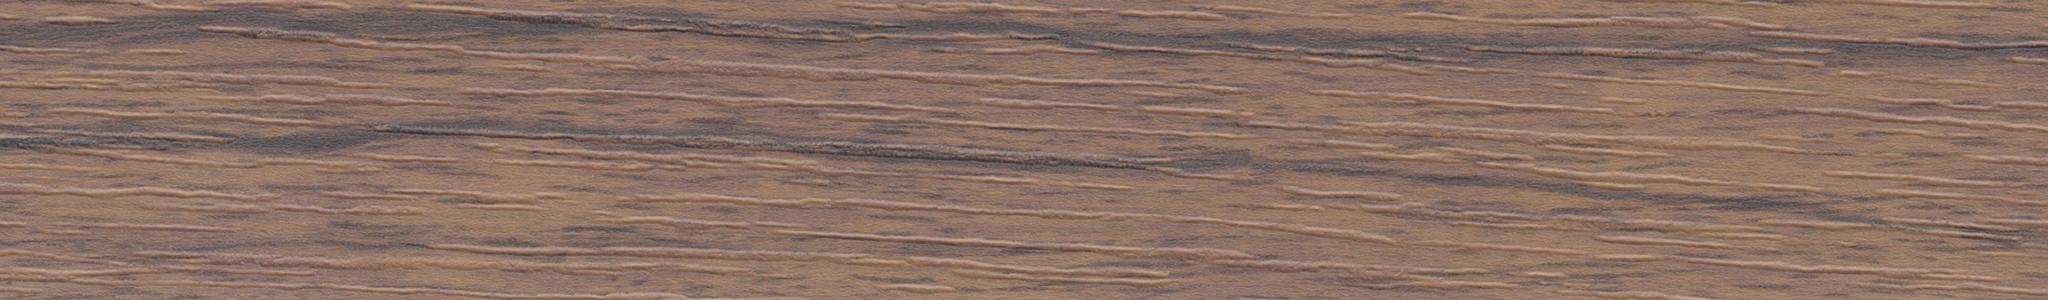 HD 283011 Кромка ABS Орех Мэдисон - Поры - Мягкая Матовая